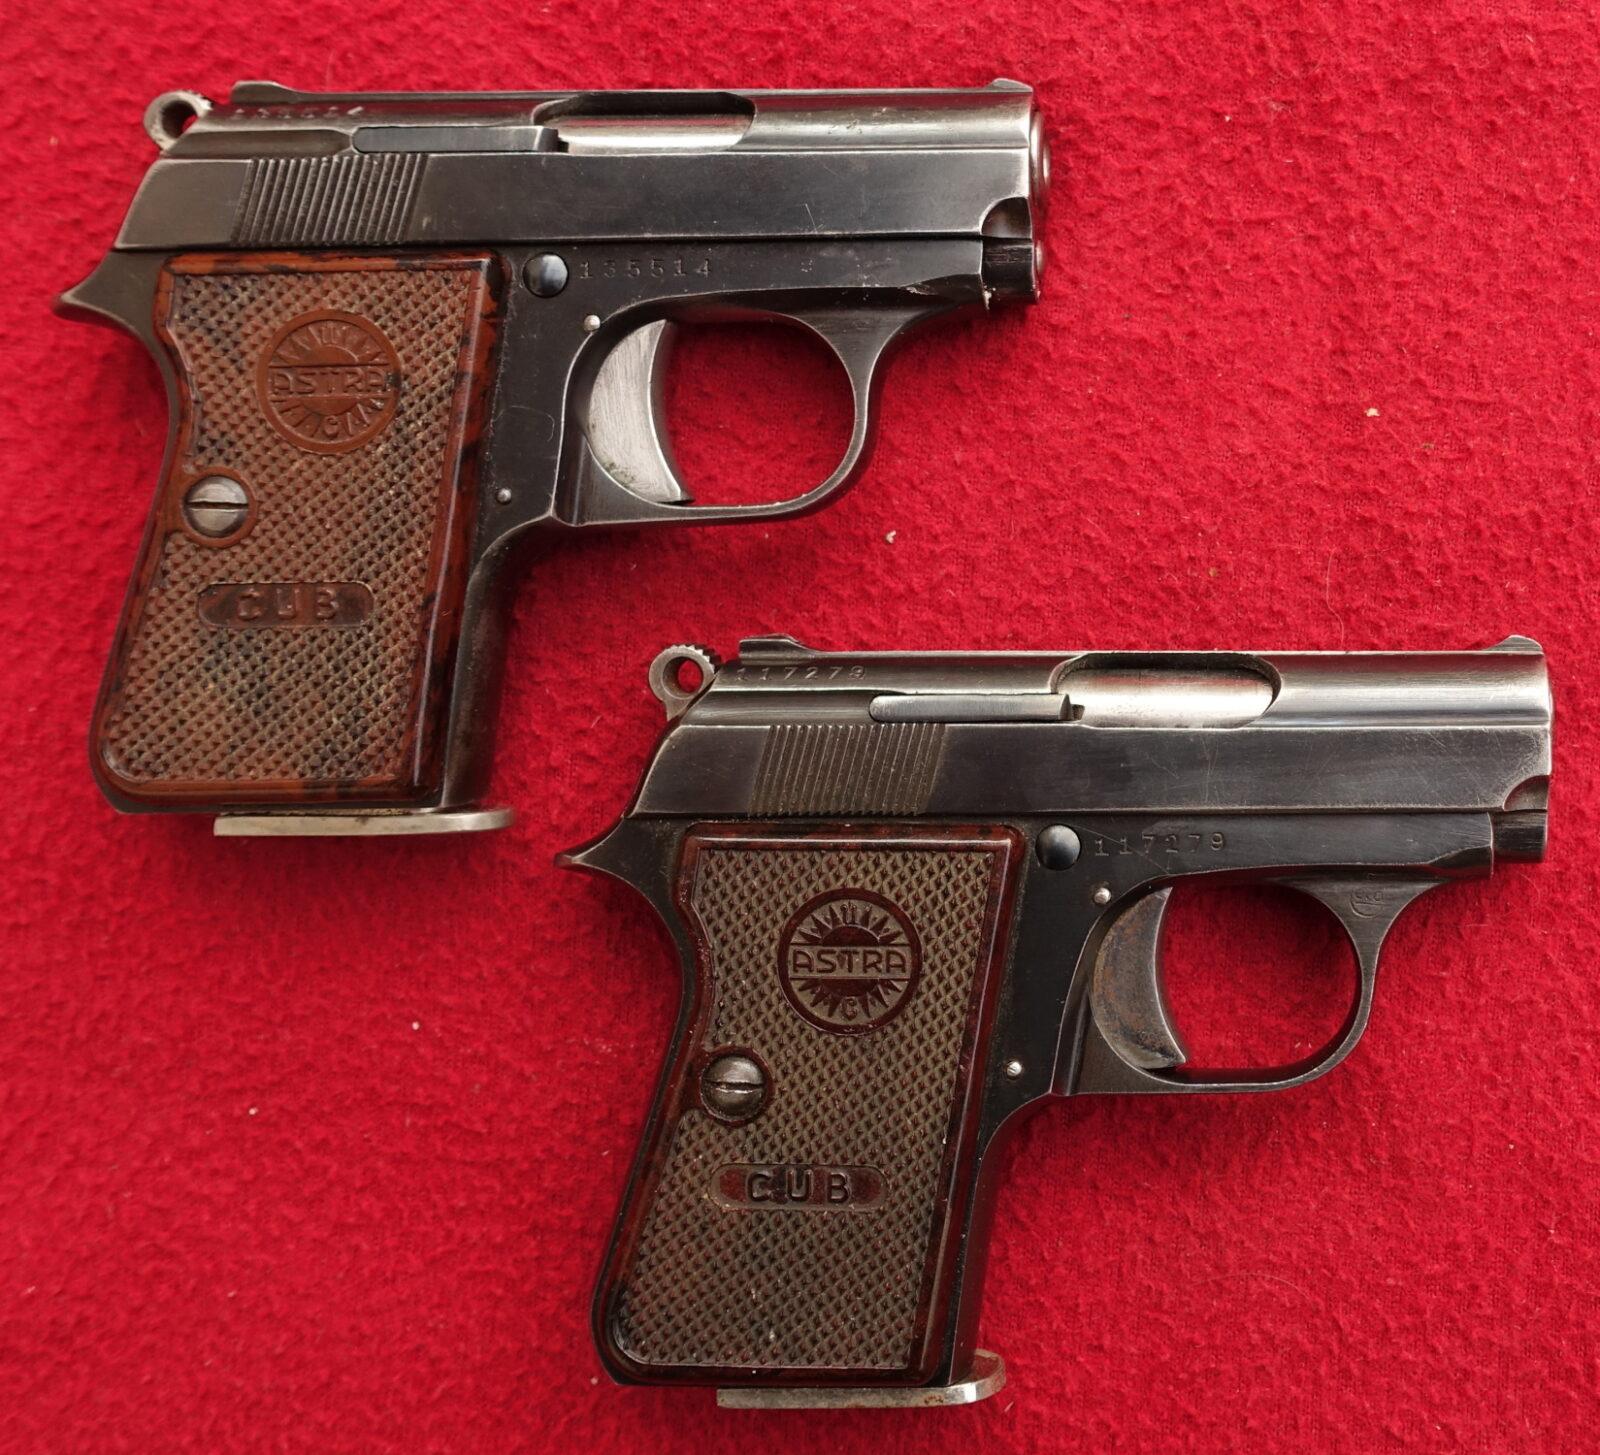 pistole astra cub sb ratelsk zbran. Black Bedroom Furniture Sets. Home Design Ideas